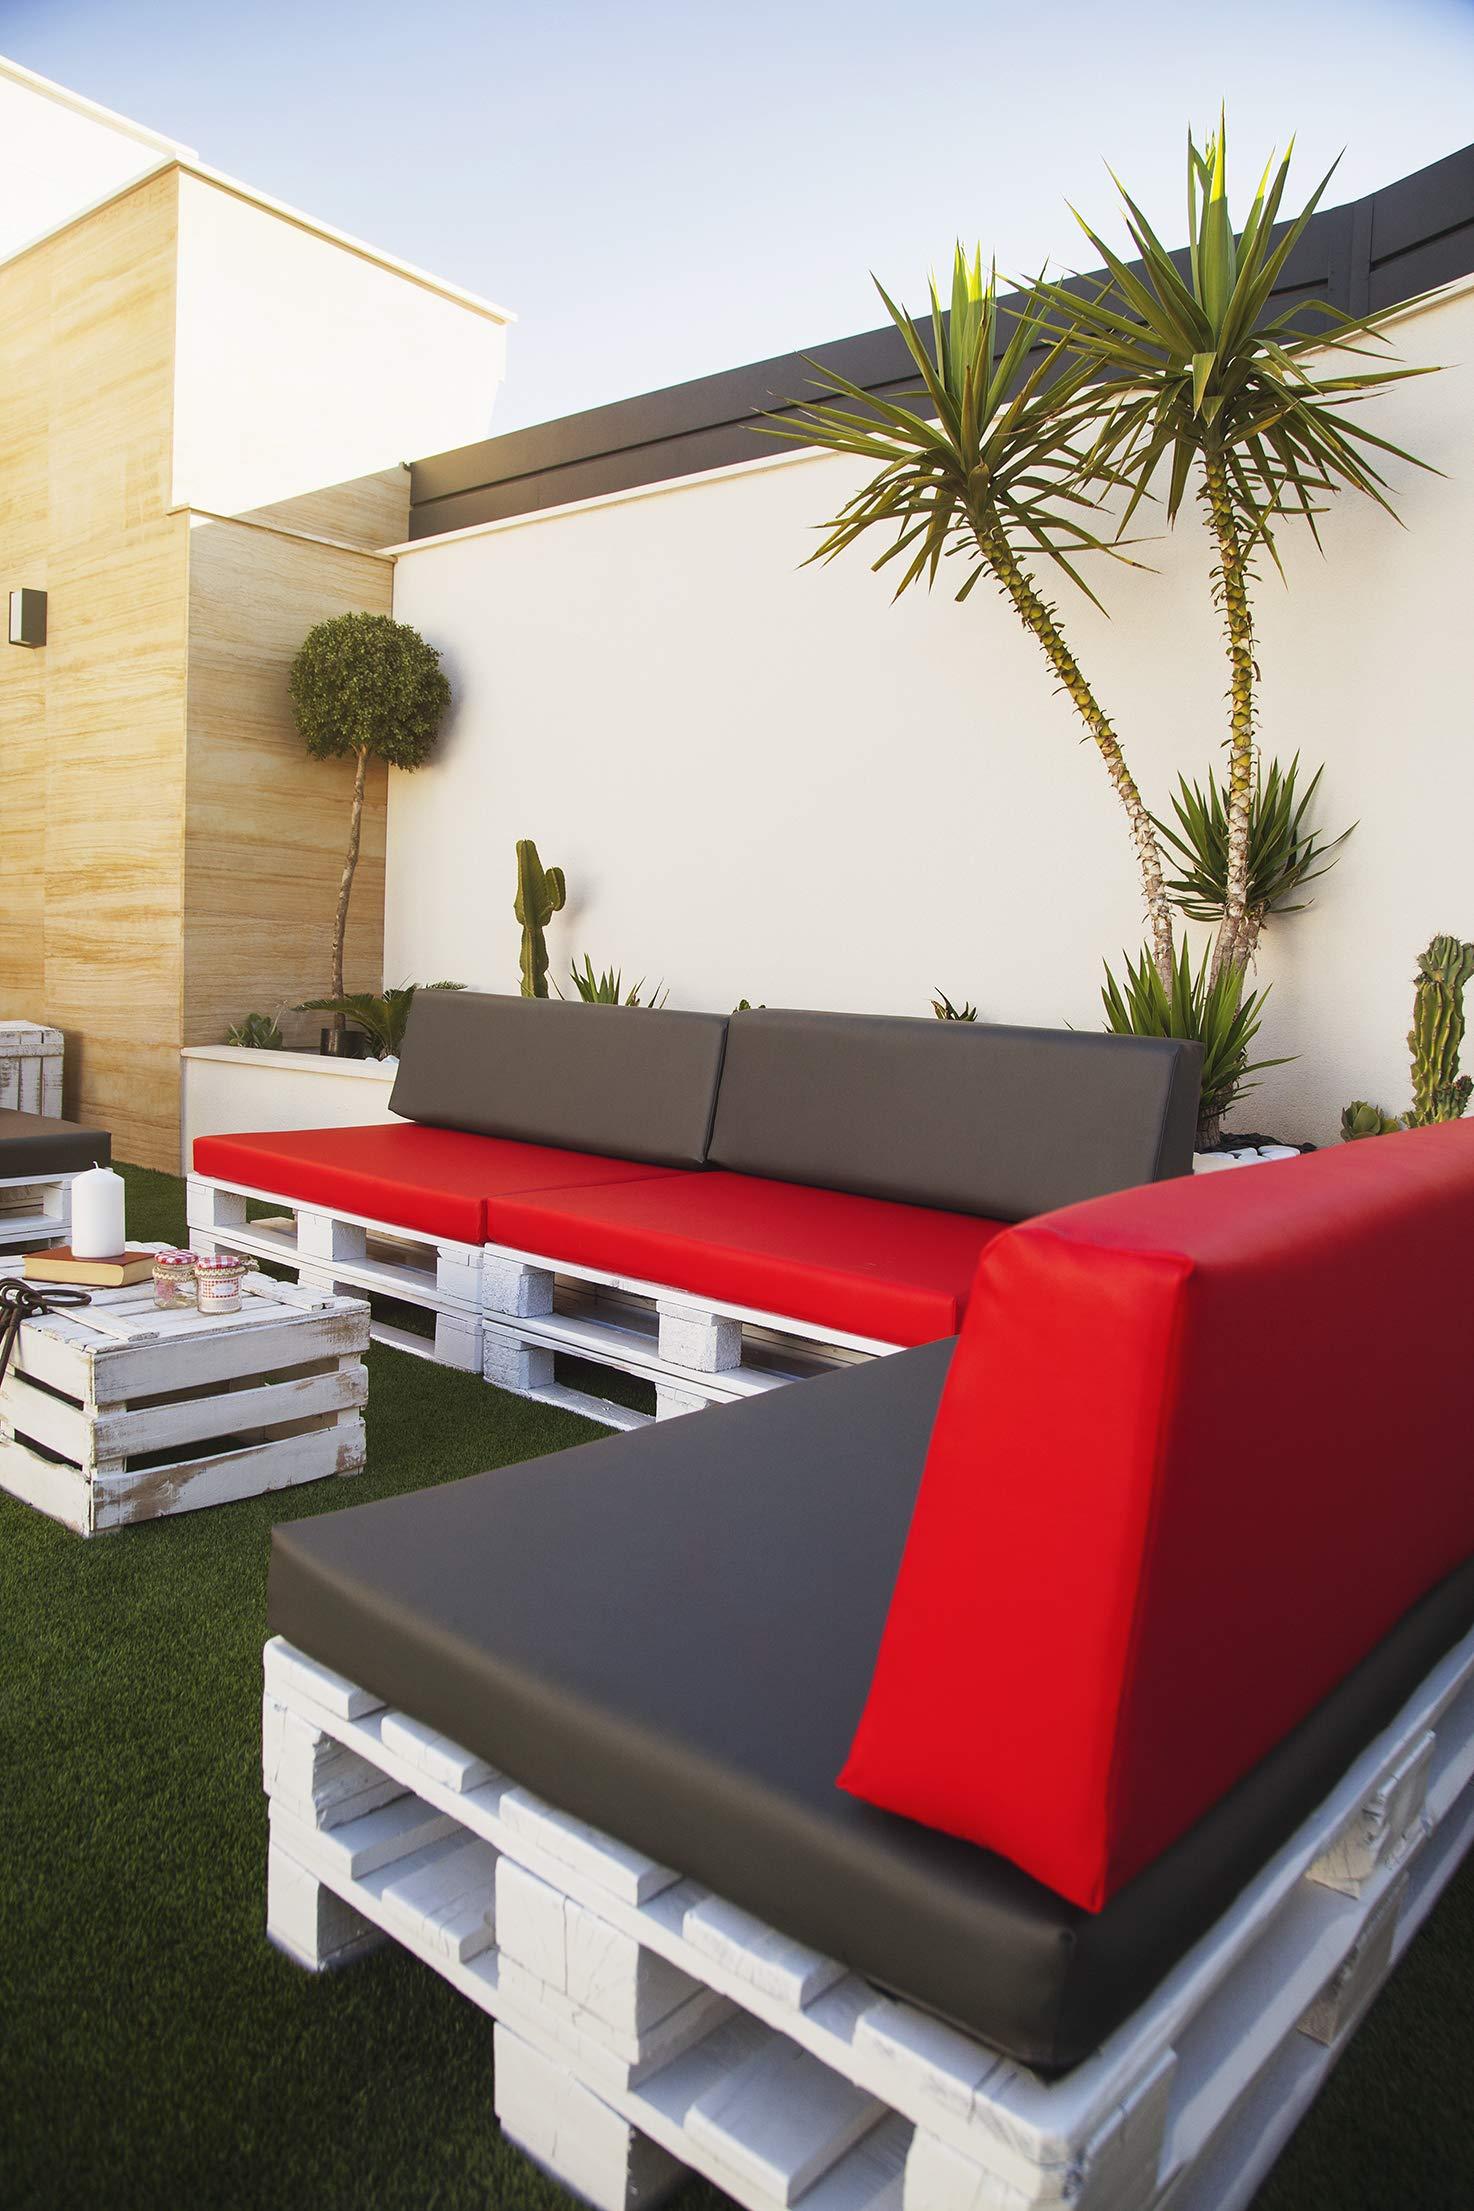 SUENOSZZZ-ESPECIALISTAS DEL DESCANSO Colchoneta Asiento para Sofas de palets, cojin Chill out Relleno con Espuma y enfundado en Polipiel Color Beige: Amazon.es: Jardín